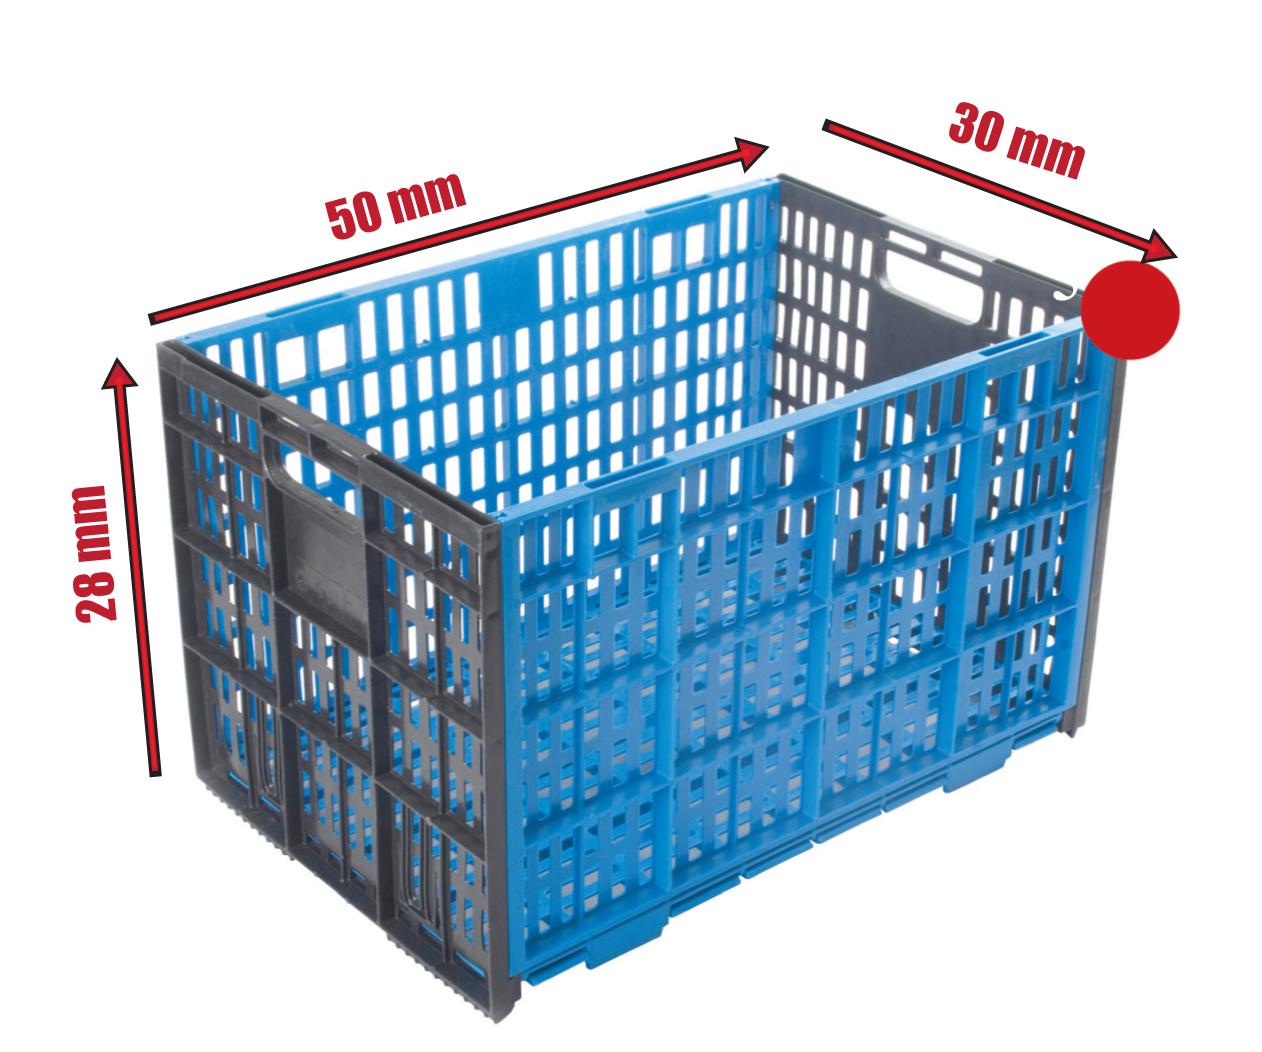 Contenitori In Plastica Pieghevoli.Cassette Plastica Per Movimentazione